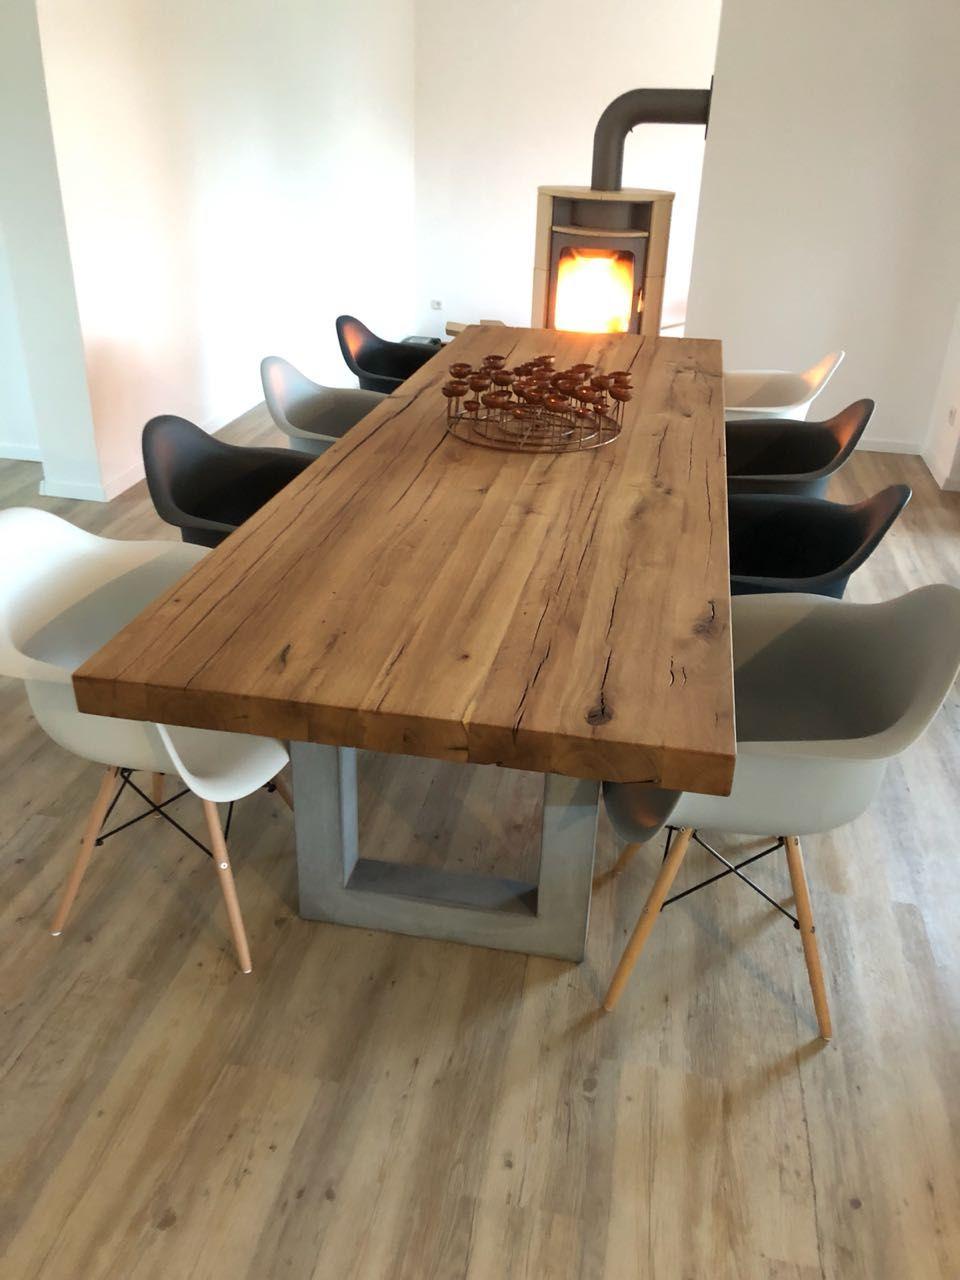 Massivholztisch Esstisch Holztisch Tisch nach Maß ...